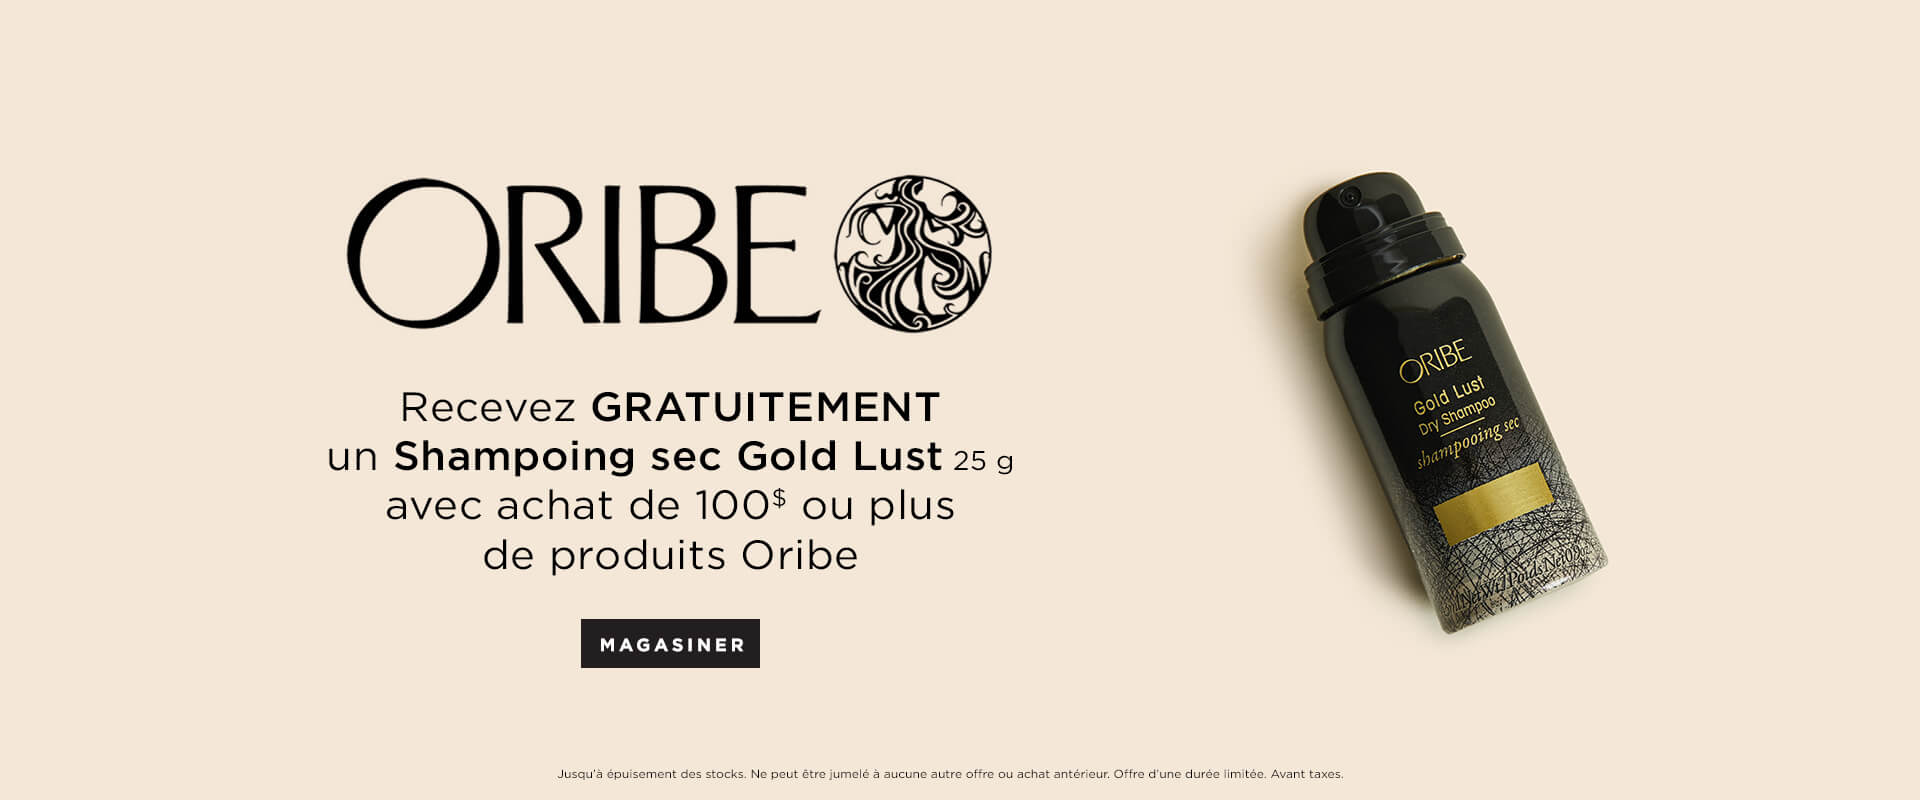 Recevez un Gold Lust shampooing sec 25g GRATUITEMENT avec achat de 100$ ou plus de produits Oribe.